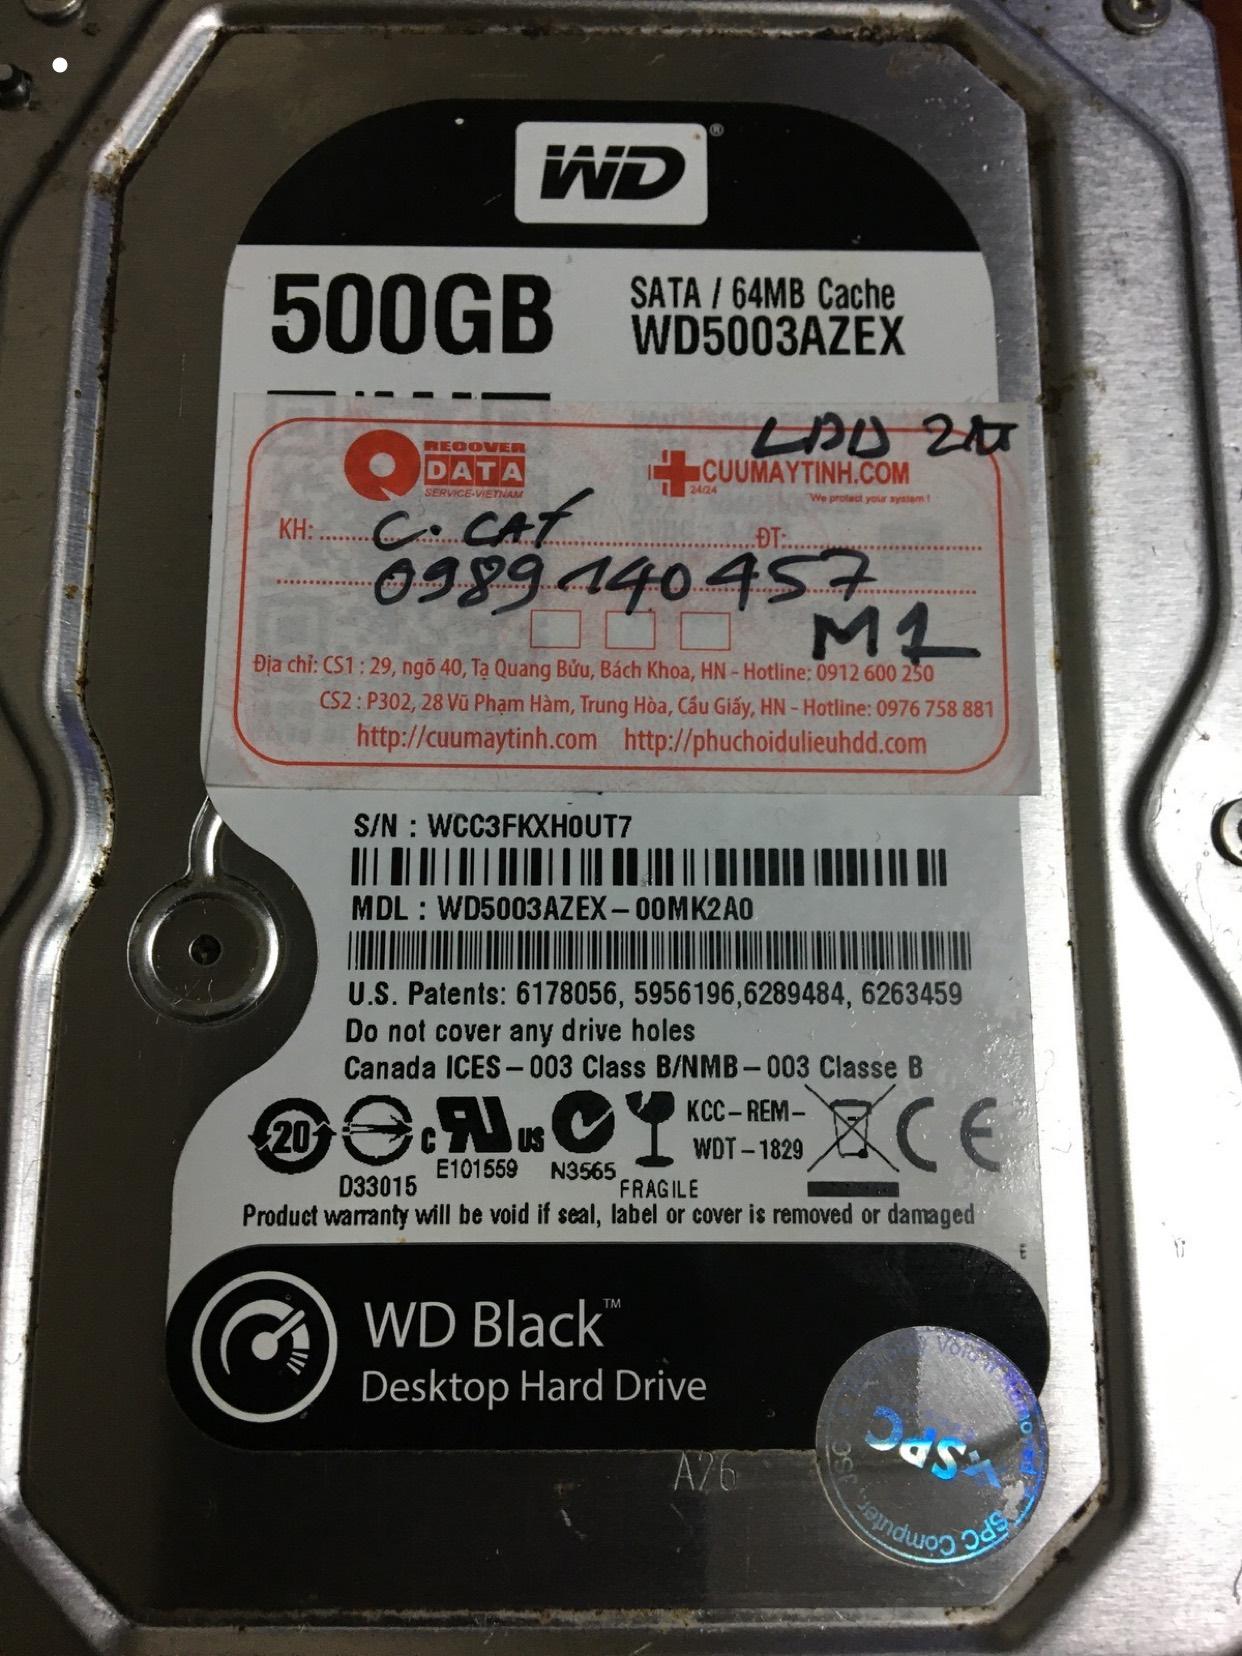 Cứu dữ liệu ổ cứng Western 500GB lỗi đầu đọc 02/03/2020 - cuumaytinh